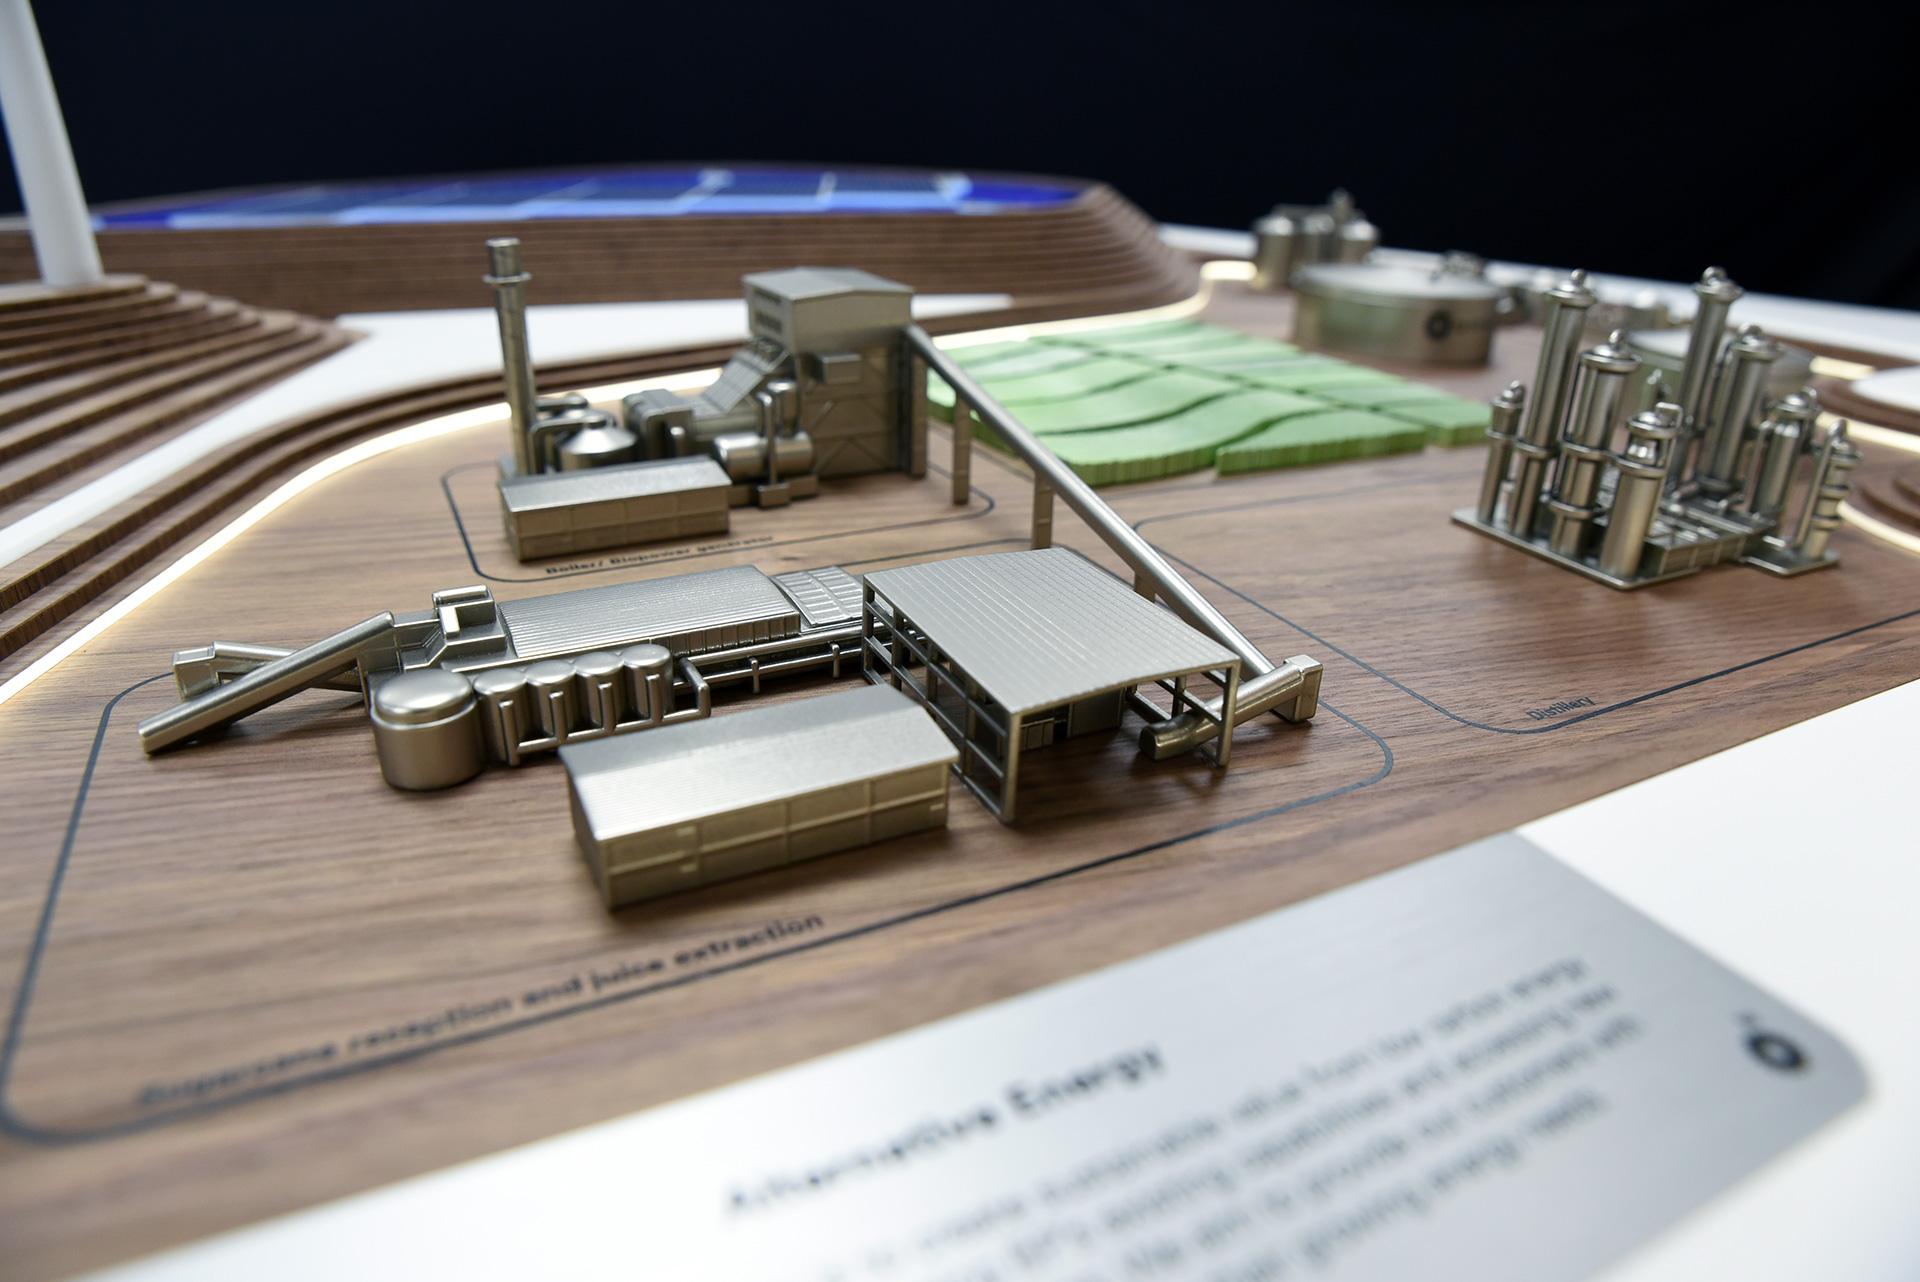 BP-alternative-energy-extraction-prototype.jpg